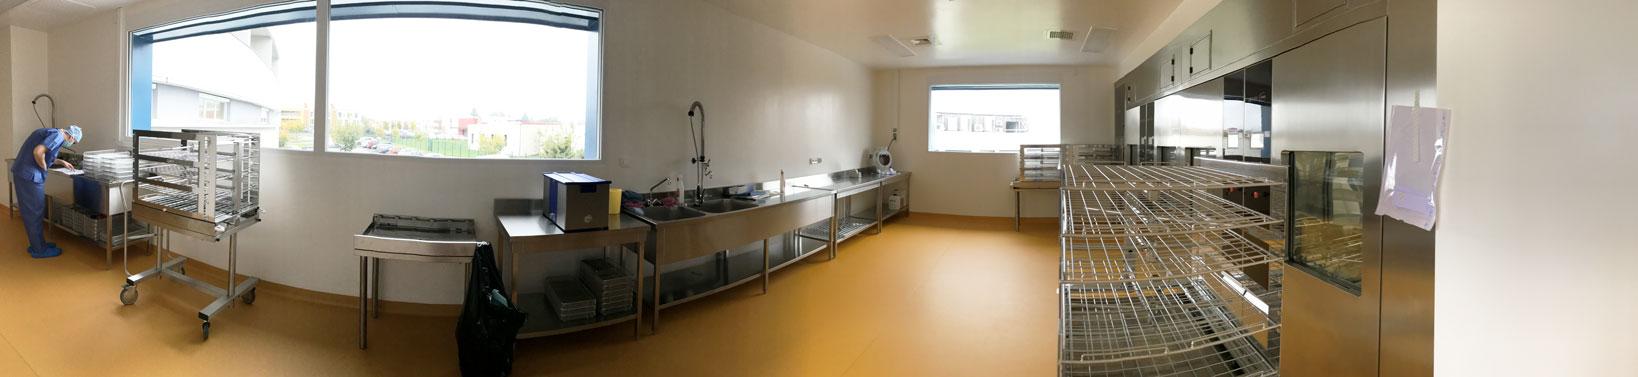 Sol souple PVC Polyclinique-Val-de-Saône - Hestia Finitions